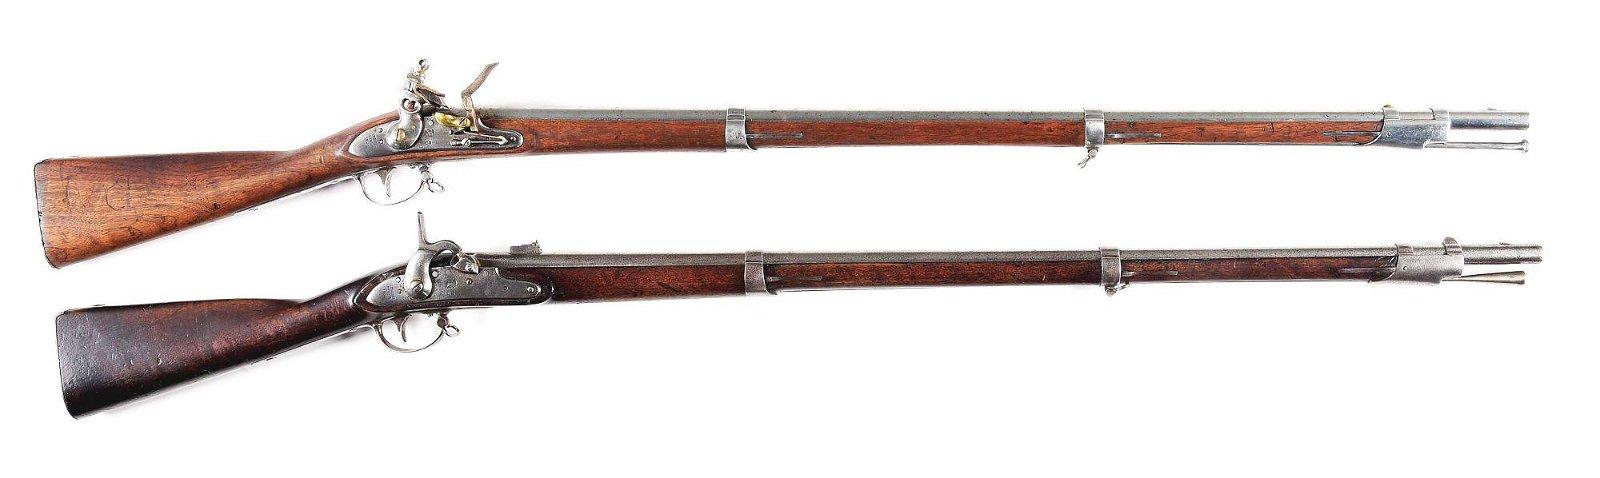 (A) COLLECTORS LOT OF 2: MODEL 1816 FLINTLOCK AND 1861